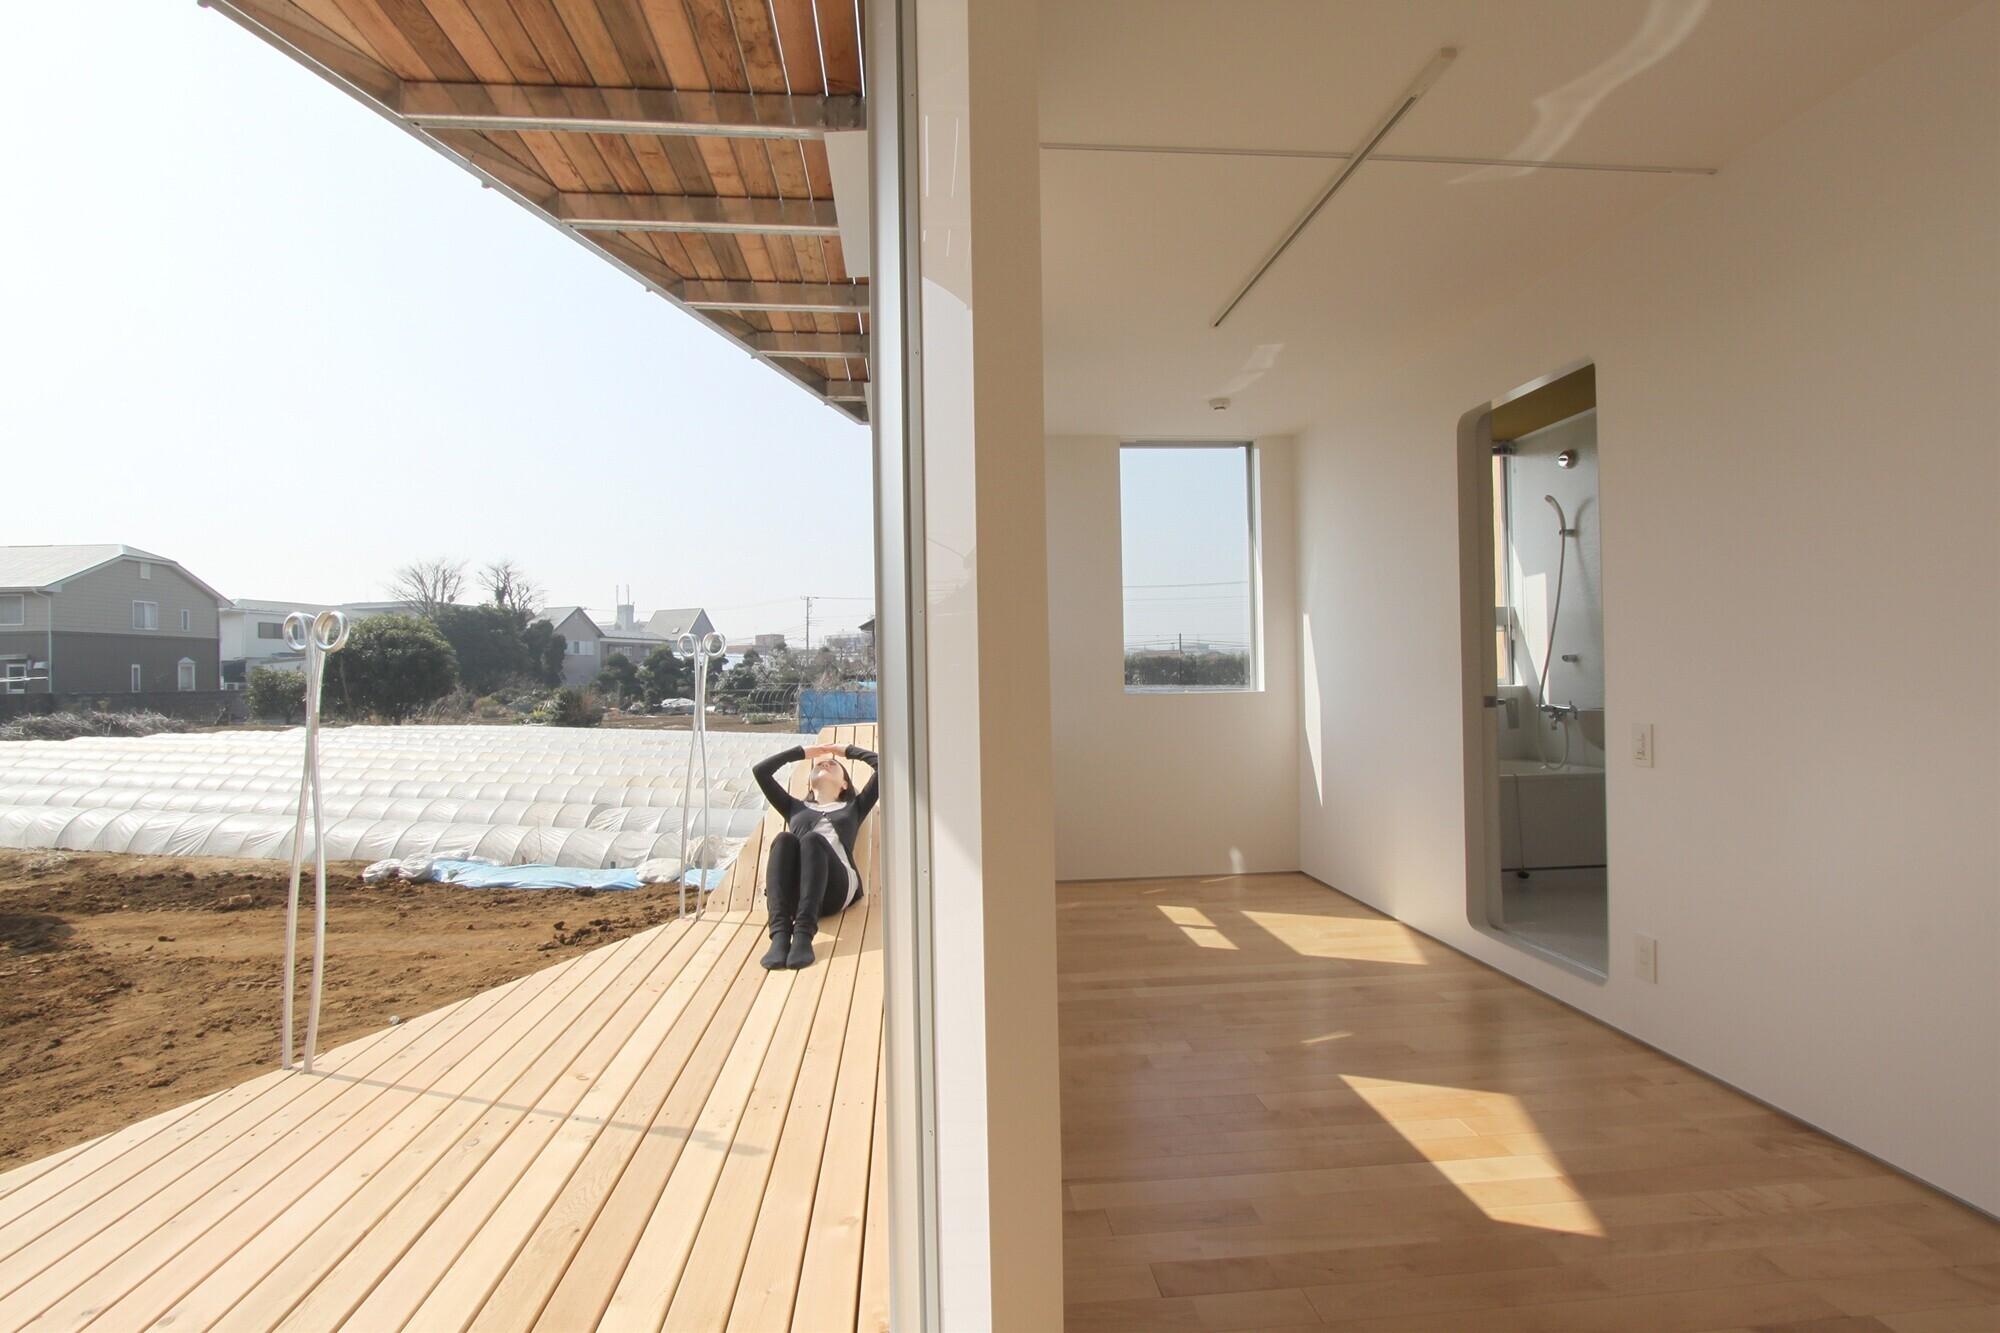 フラワーアパートメント / カップル向け約30㎡のL型プランの建築事例写真